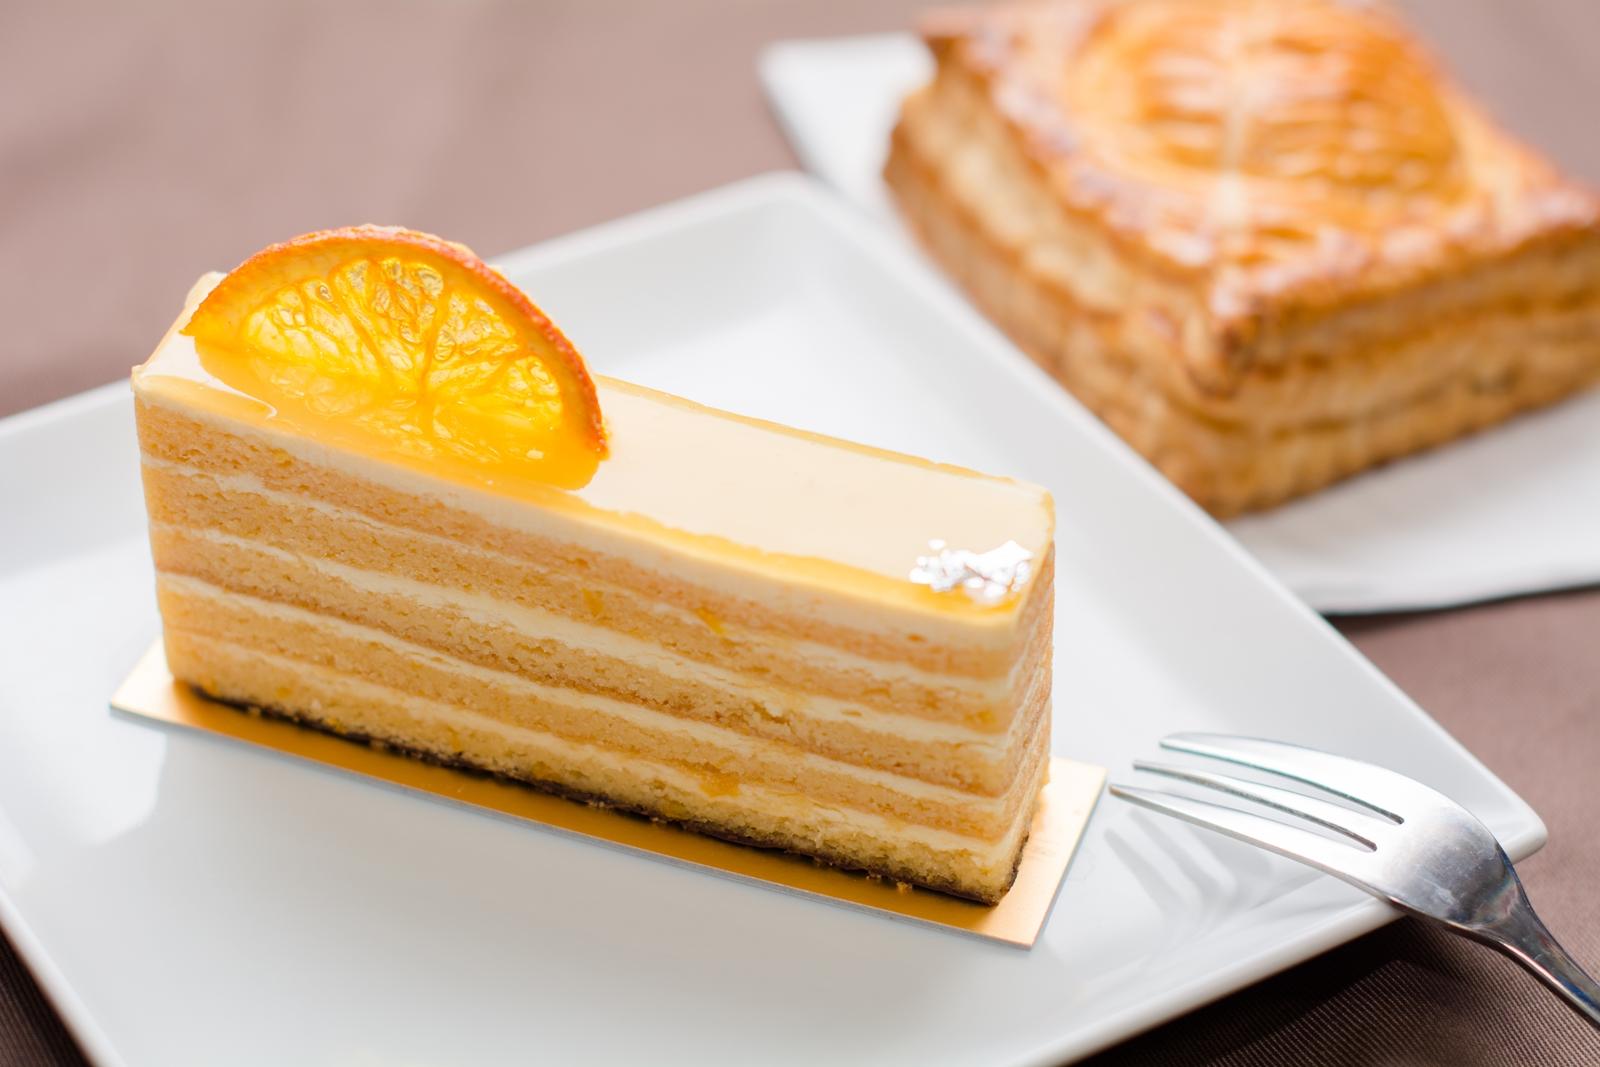 Photo: 「バレンシア」 フランス菓子 エリティエ  しっとりとしたアーモンド風味の生地に 程よく軽いオレンジバタークリームが 何層も重ね合って フォークを入れる時の感触も 口に入れた時に味わえる食感を 想像させてくれます☆ オレンジの酸味がとても爽やかで 見た目も美しい少し大人な一品でした^^  もう1品は「ミートパイ」です♪ 可愛らしく木の葉の模様が刻まれて サックサクに焼き上げられたミートパイ 中からはどこか懐かしい香りのする 美味しいミートソースが現れます☆  先週紹介させていただいたエリティエさんのケーキ 実はもう一つ購入していたので 少し遅くなりましたがもう1セット御紹介です♪  「 +フランス菓子 エリティエ 」 < http://goo.gl/IwWEoa > #ごちそうフォト #cooljapan Nikon D7100 Nikon AF-S NIKKOR 50mm f/1.4G